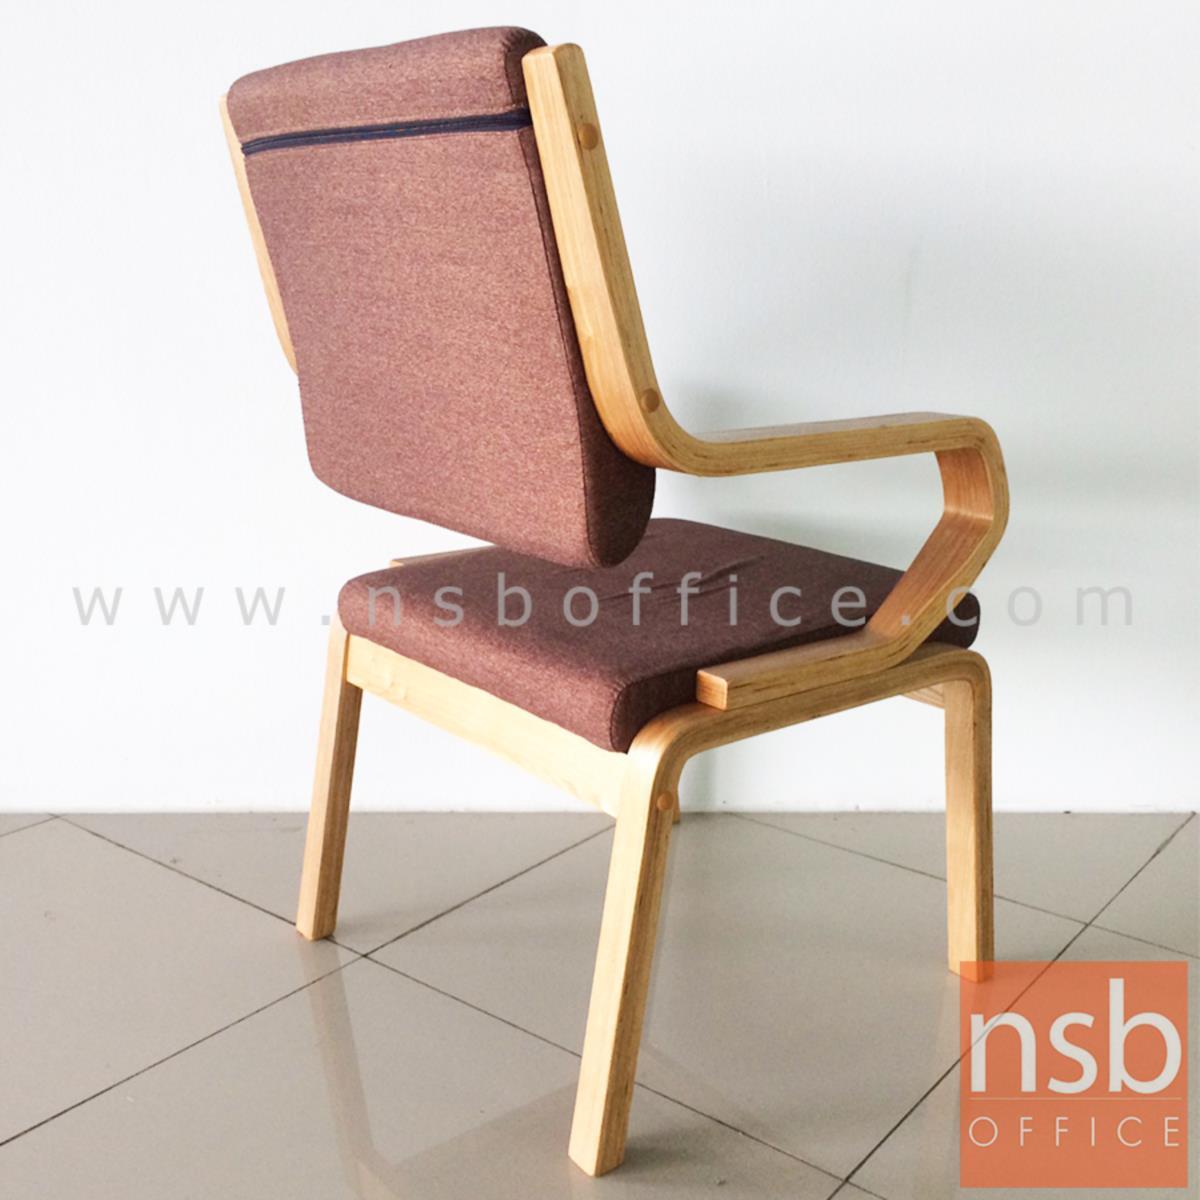 เก้าอี้ไม้จริงใหญ่ ที่นั่งหุ้มผ้า รุ่น Rinatia (รินาเทีย)  ขาไม้